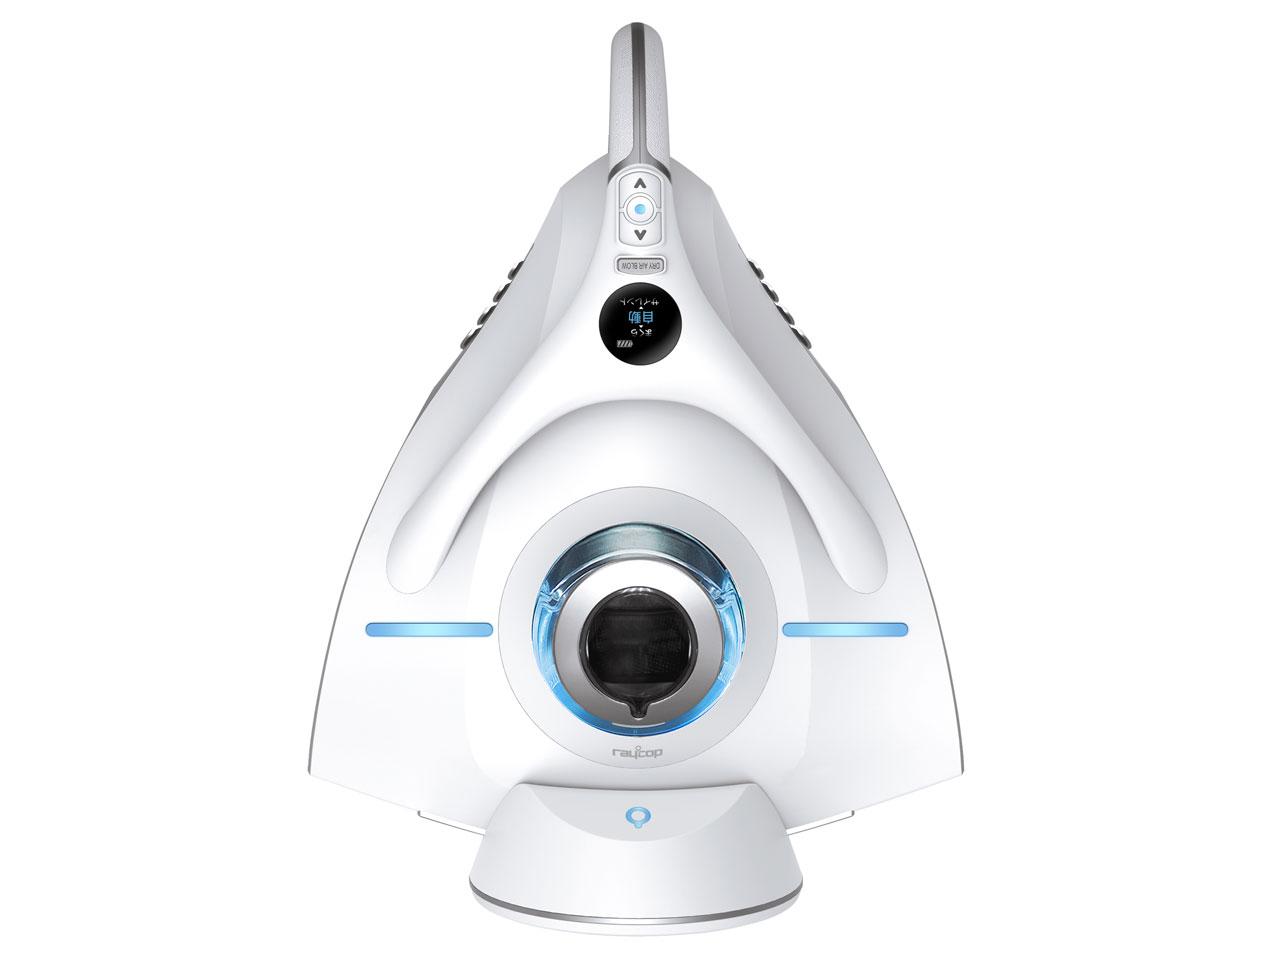 レイコップRX RX-100JWH の製品画像